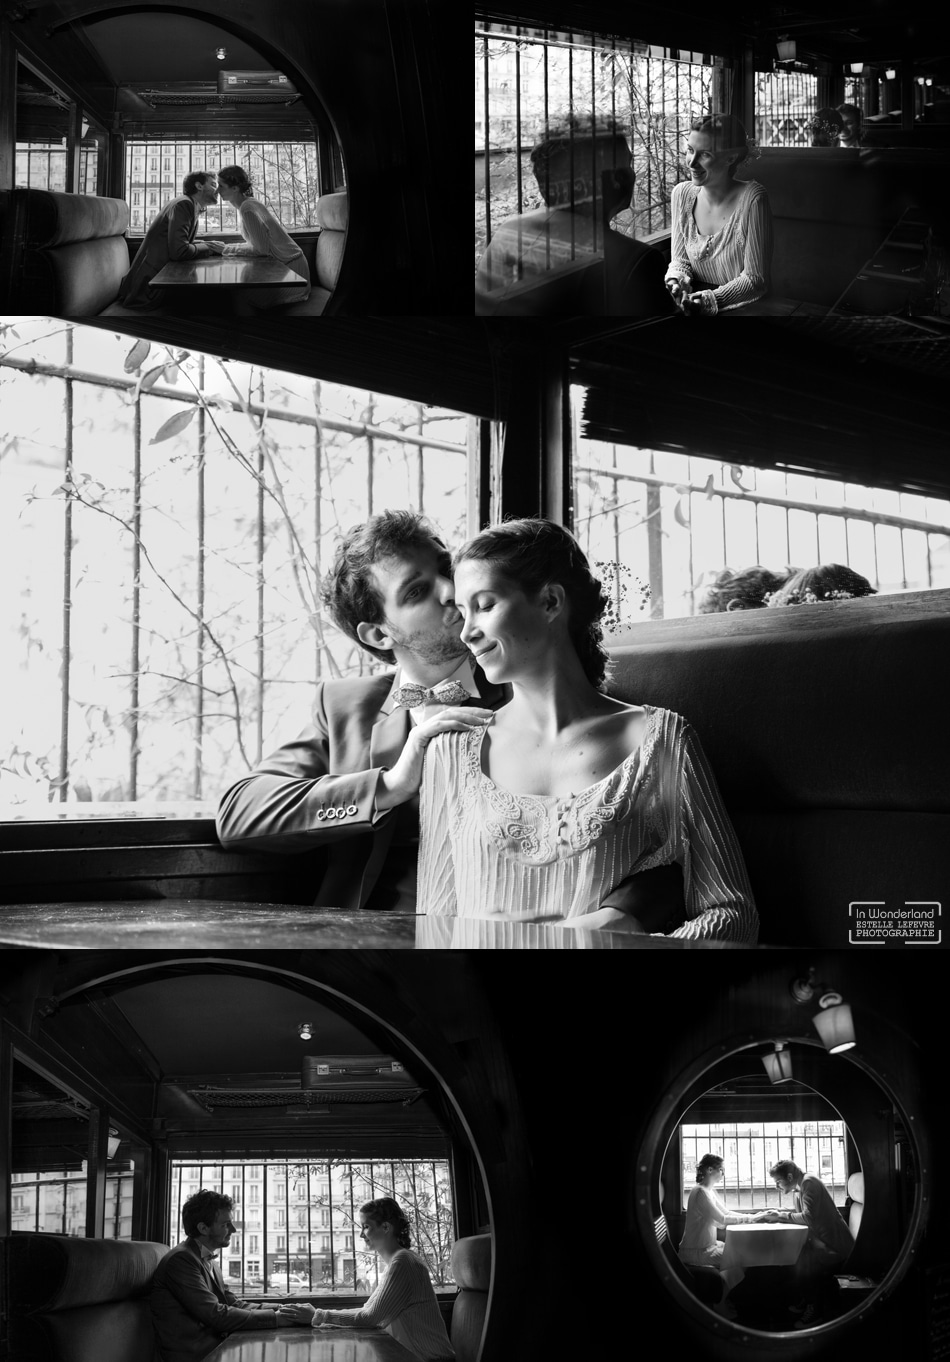 photographe-mariage-wagon-bleu-Paris